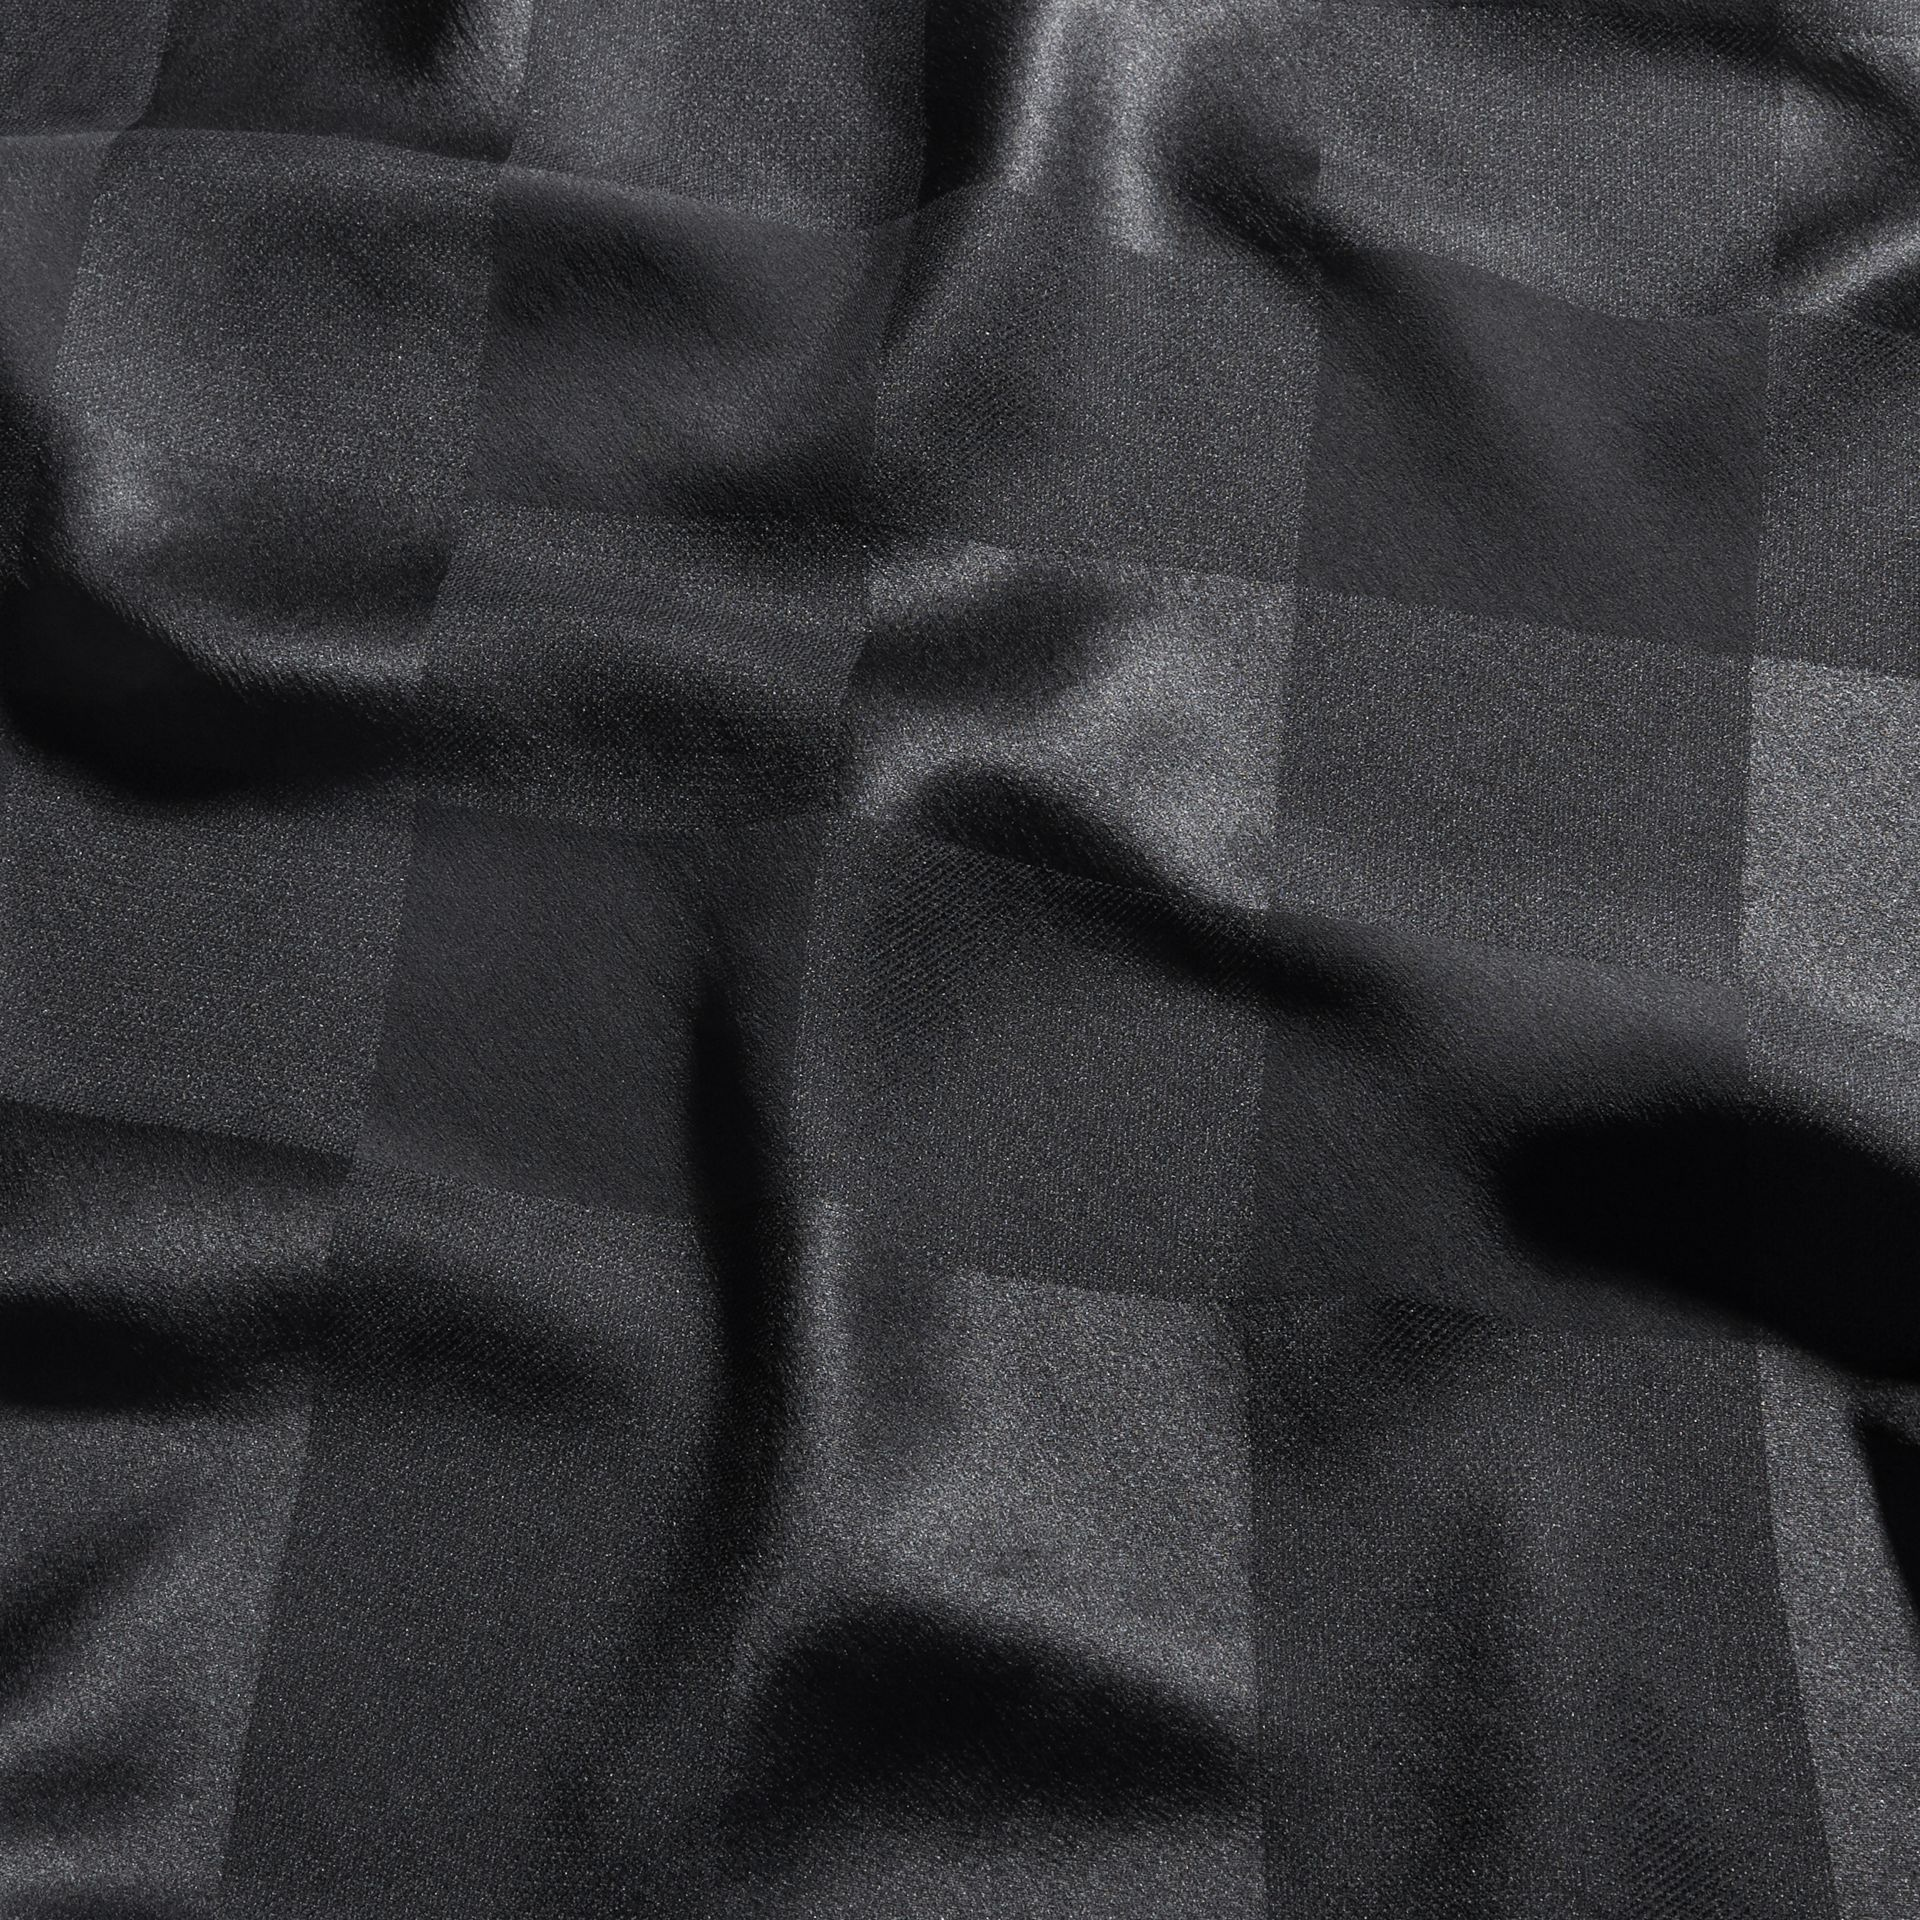 Noir Foulard en jacquard de soie à motif check Noir - photo de la galerie 2